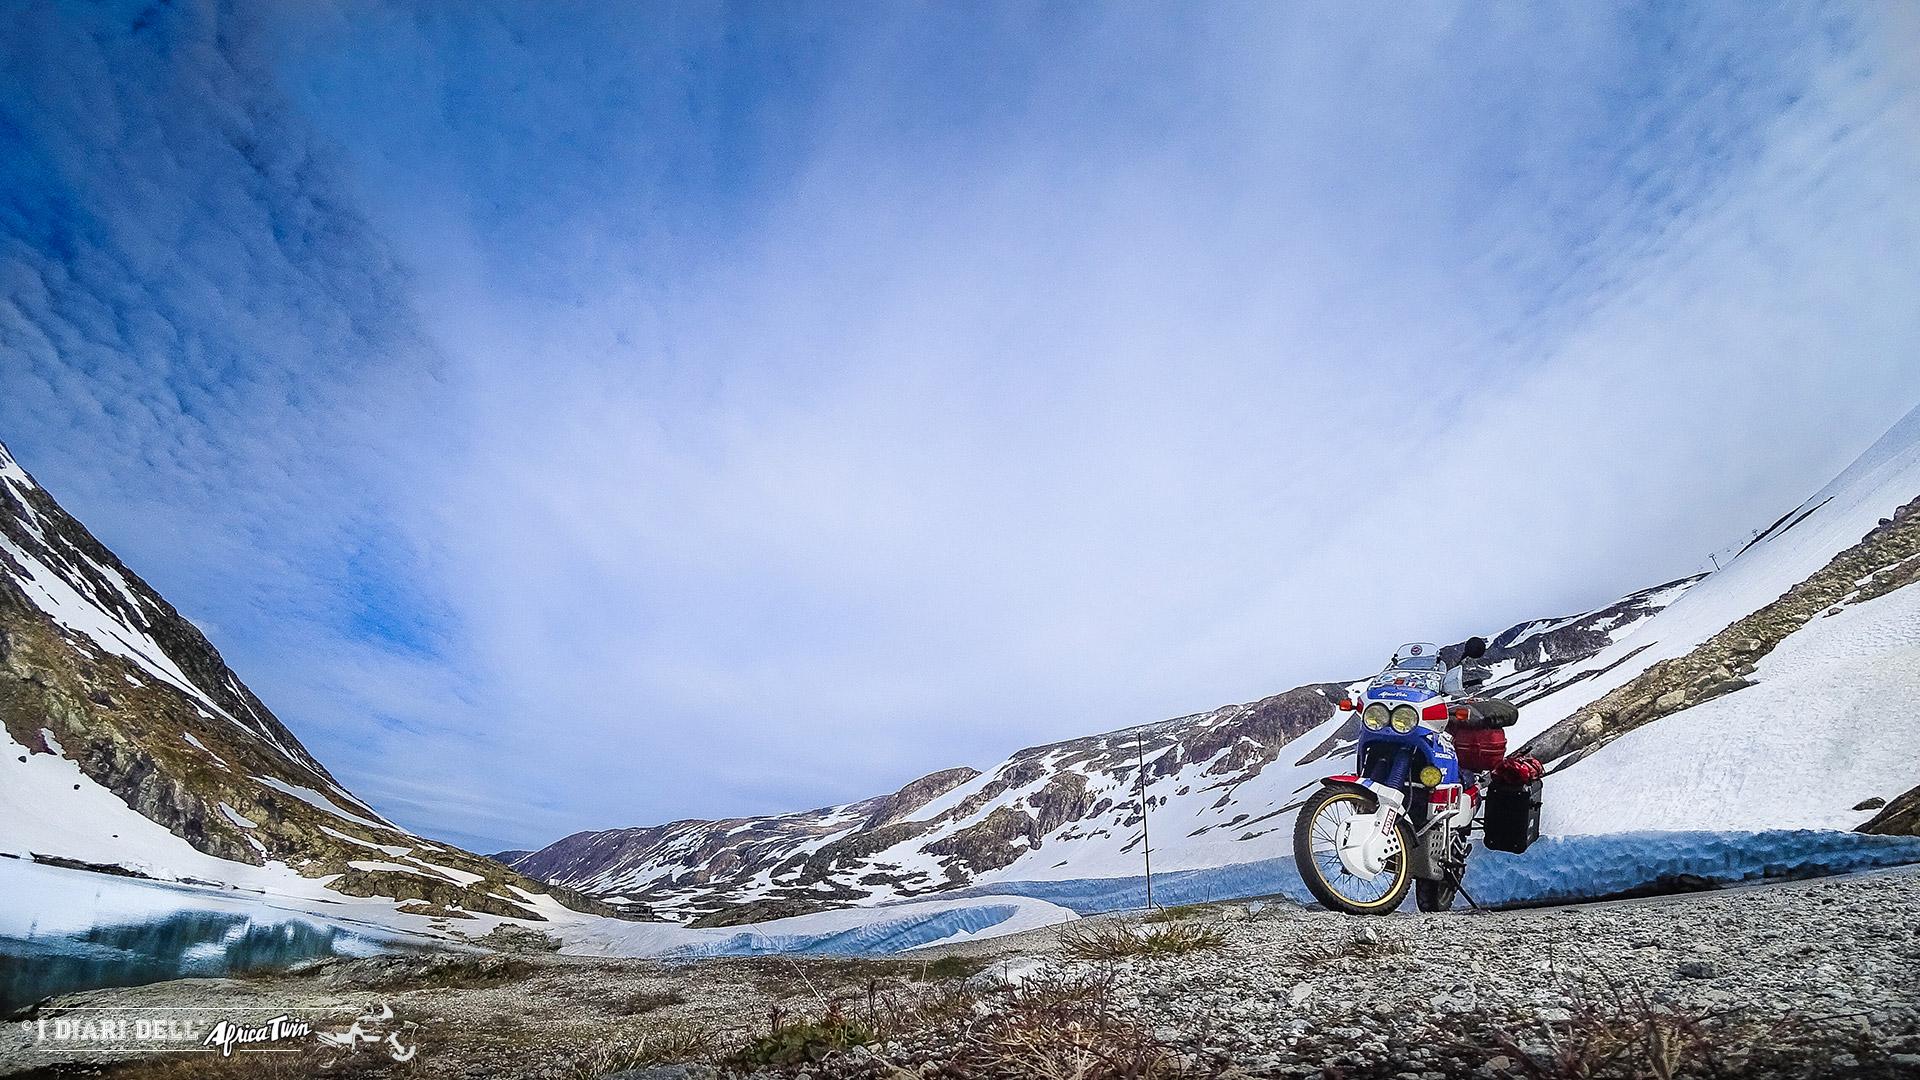 caponord in moto paesaggi norvegia